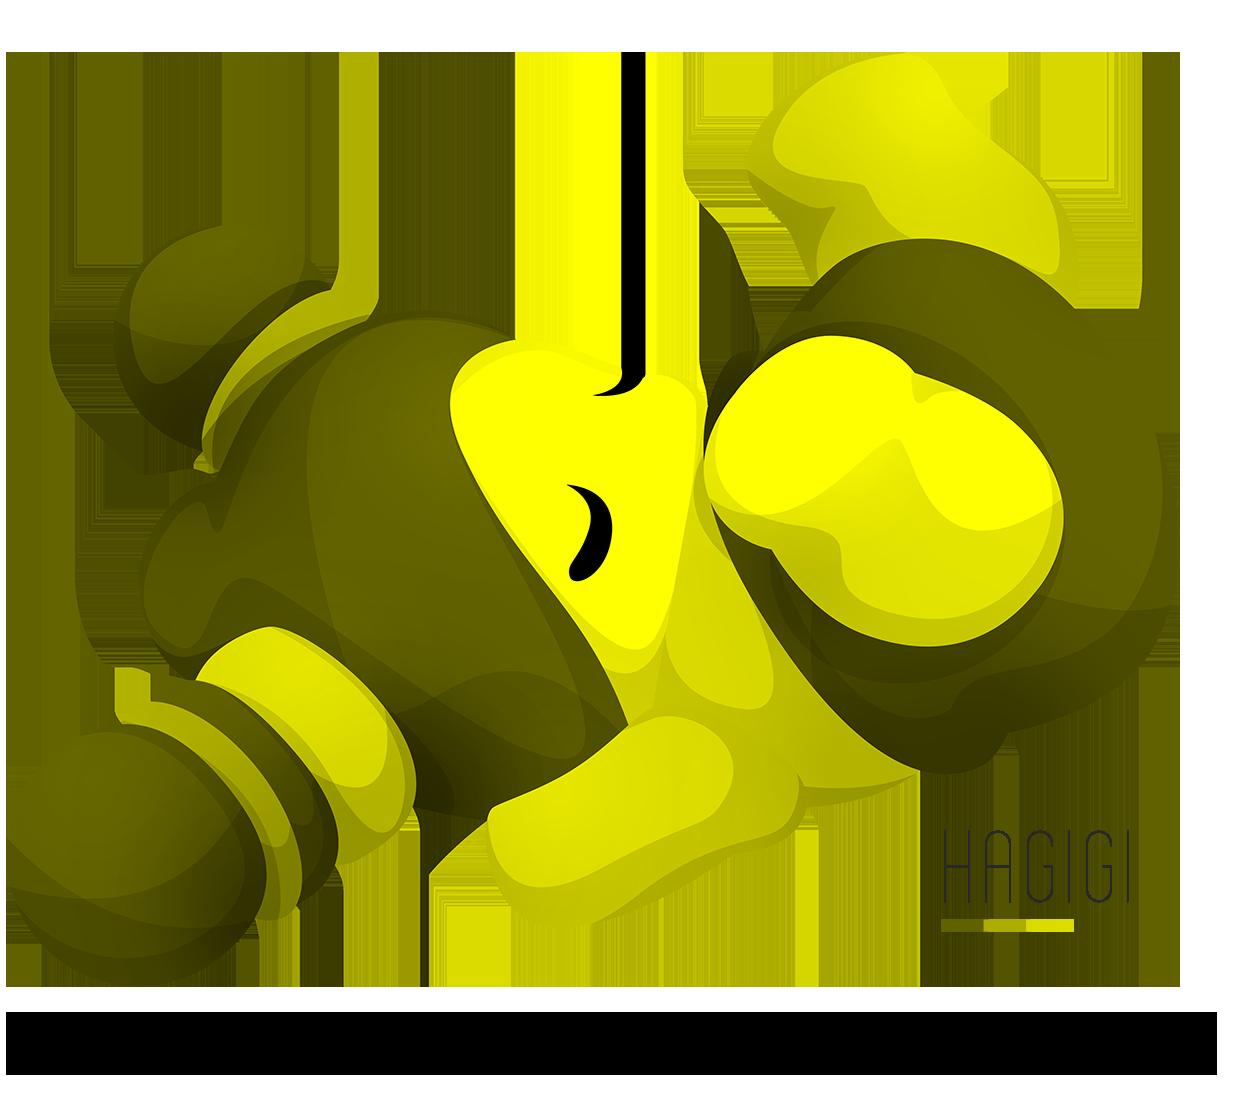 Hagigi